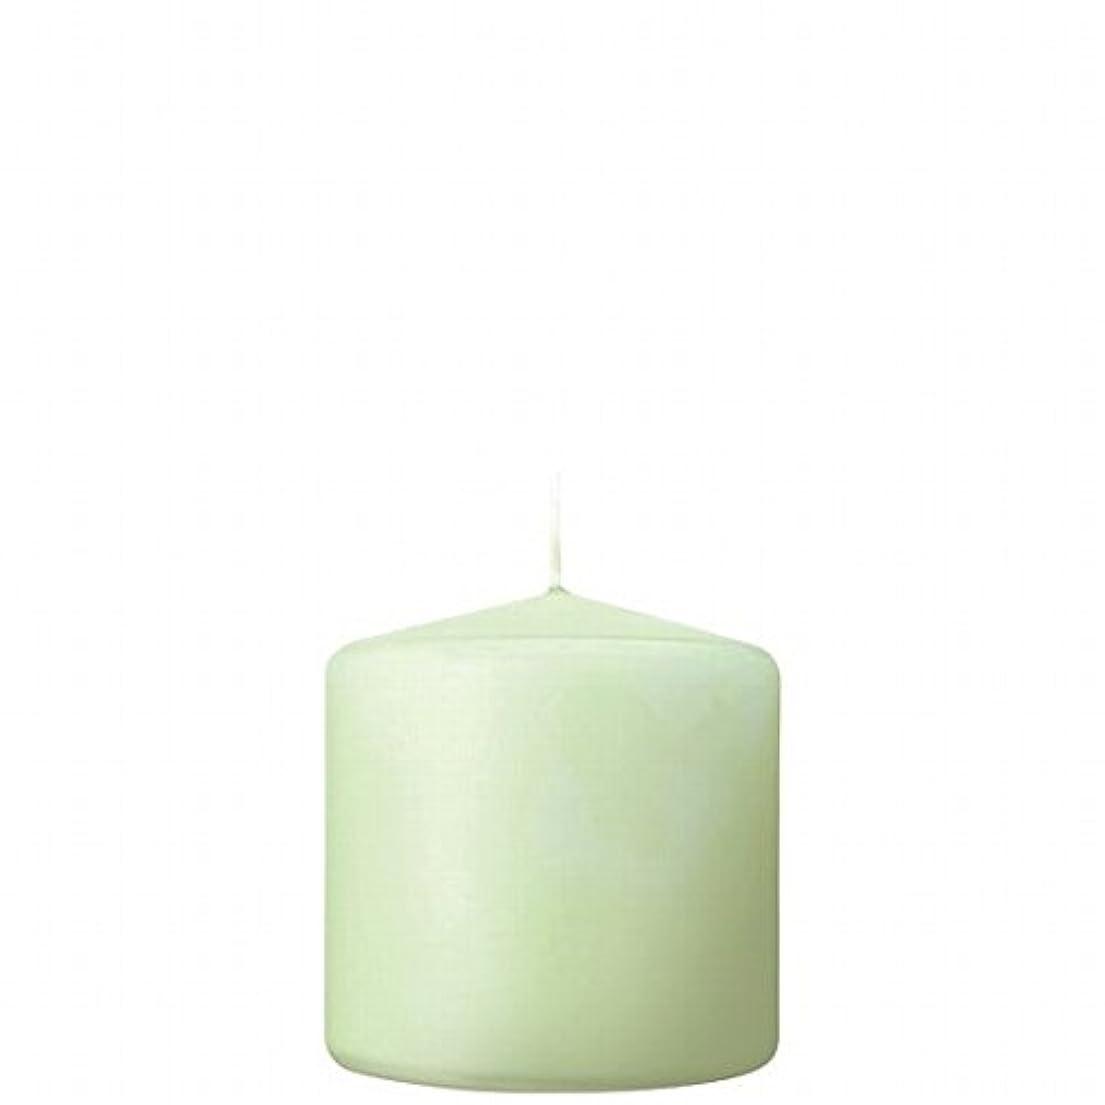 届ける遺跡スピーカーカメヤマキャンドル( kameyama candle ) 3×3ベルトップピラーキャンドル 「 ホワイトグリーン 」